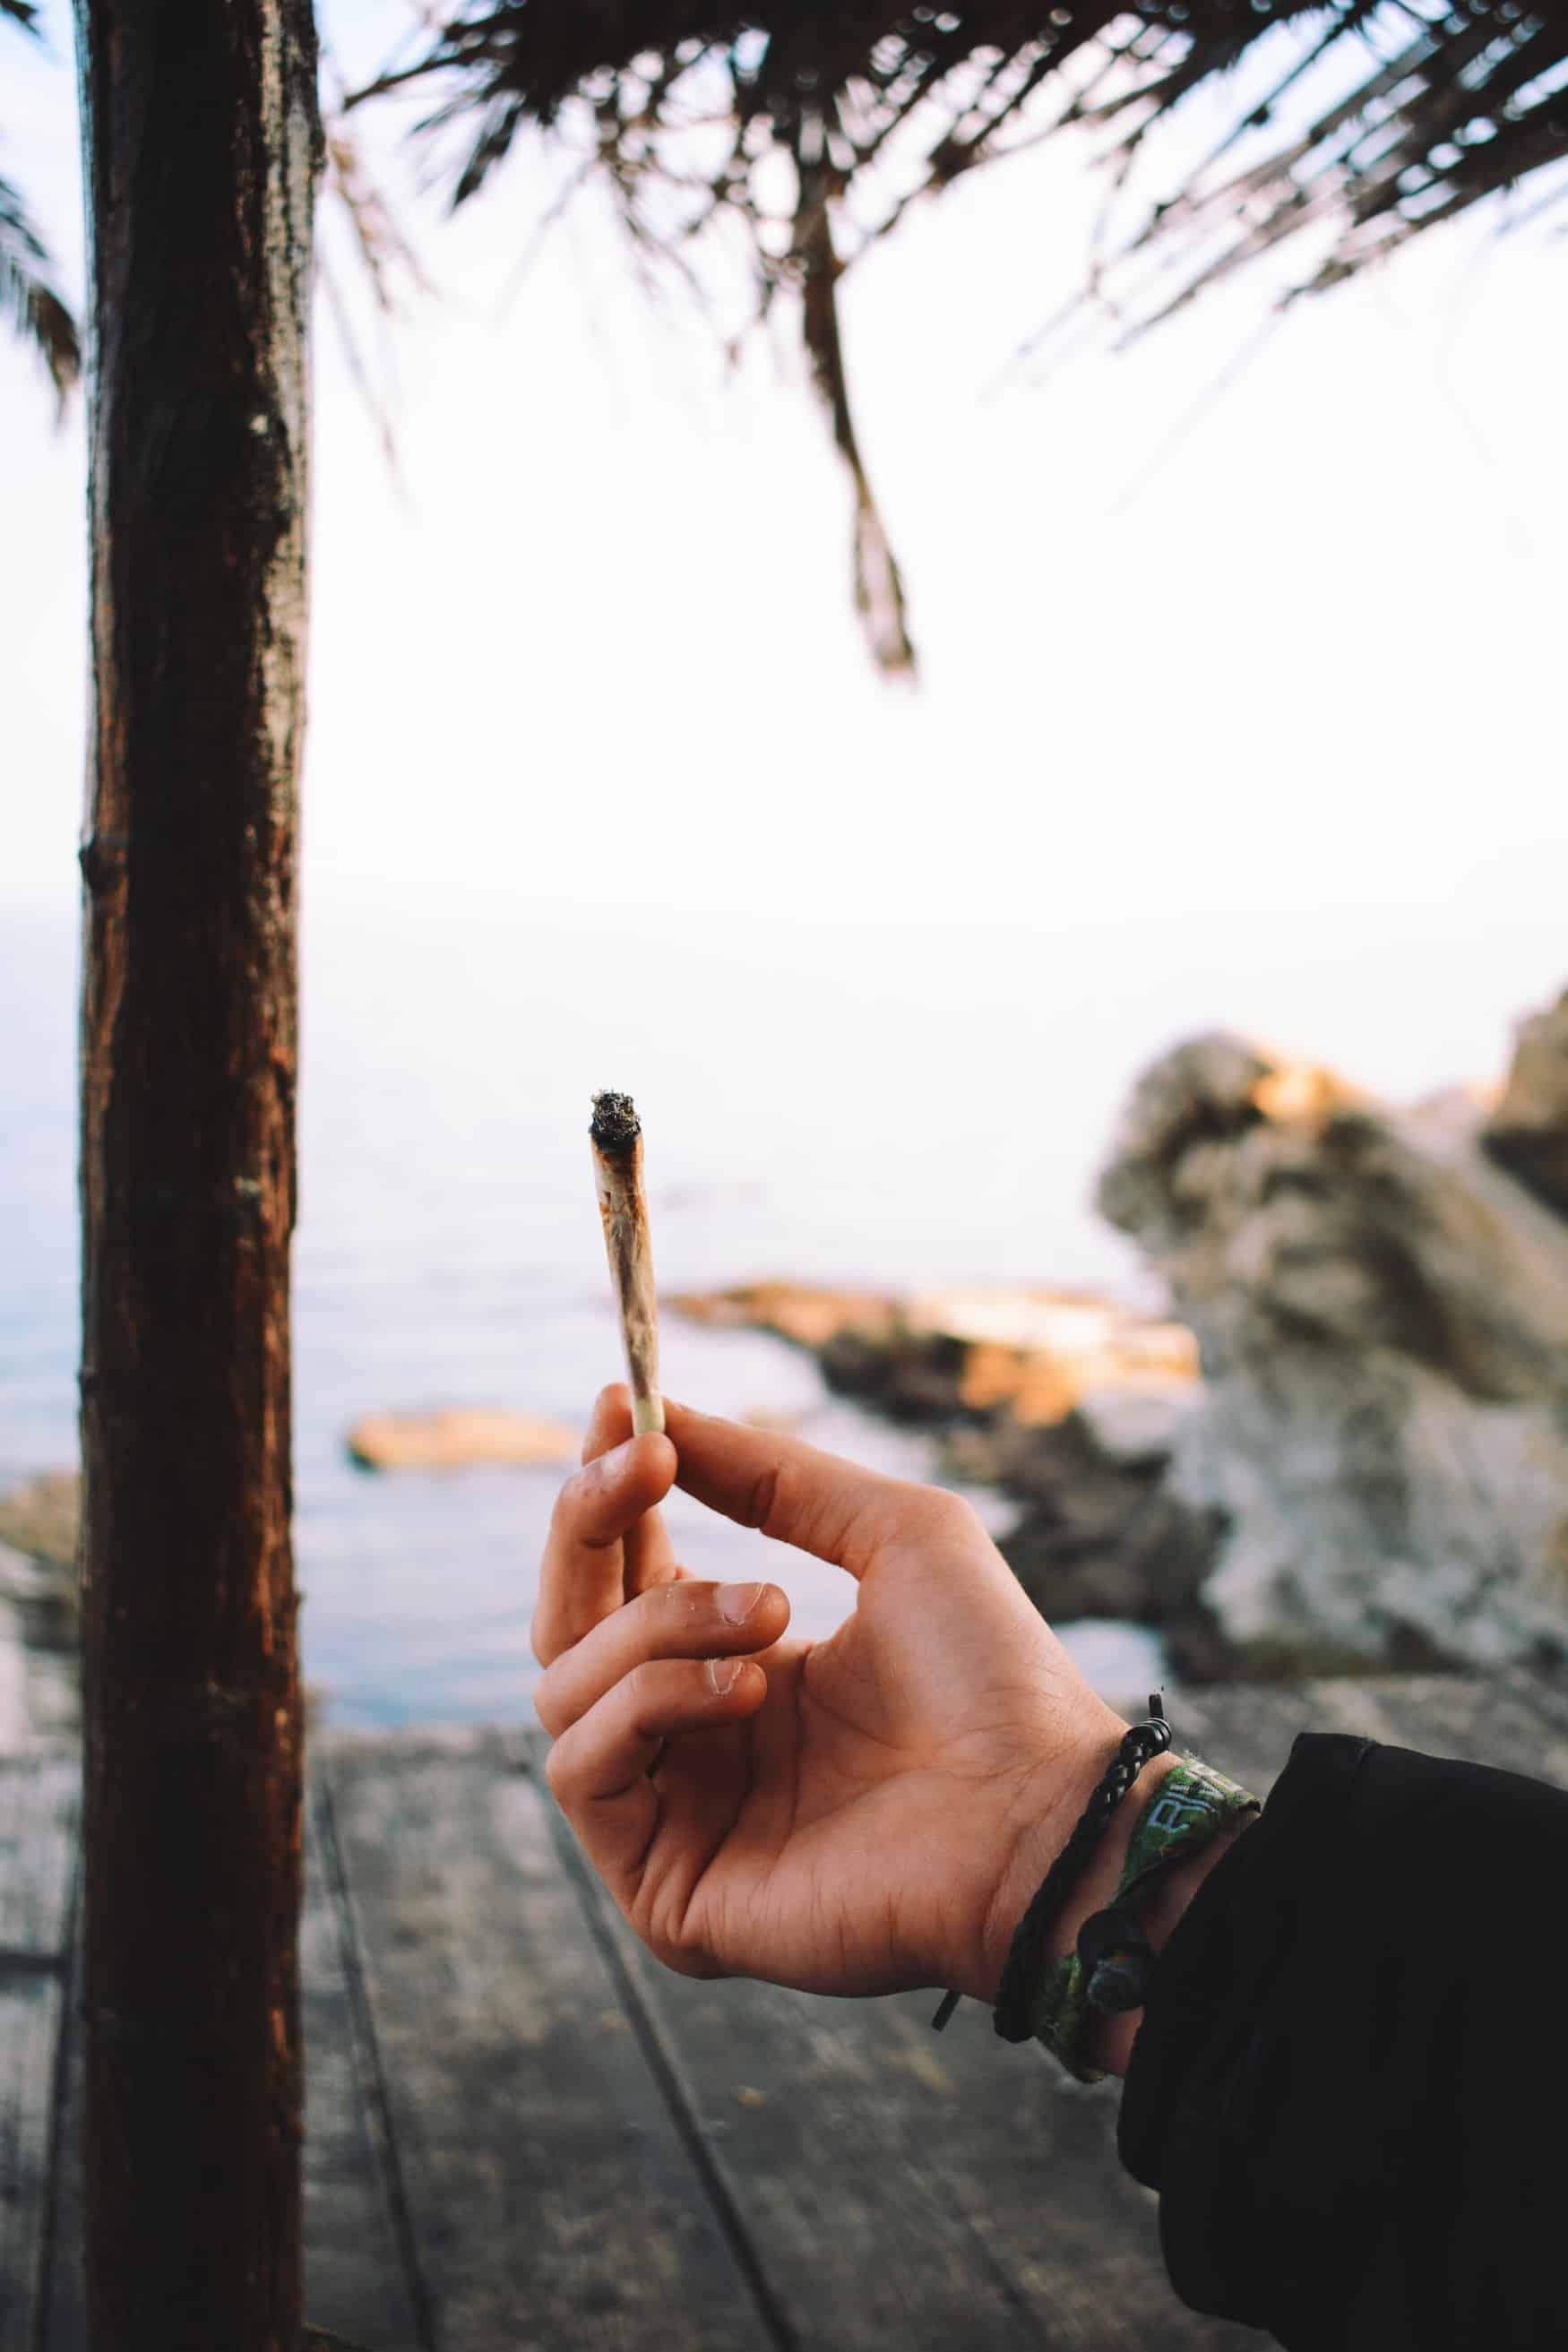 Einen Joint in der Öffentlichkeit rauchen in Kanada